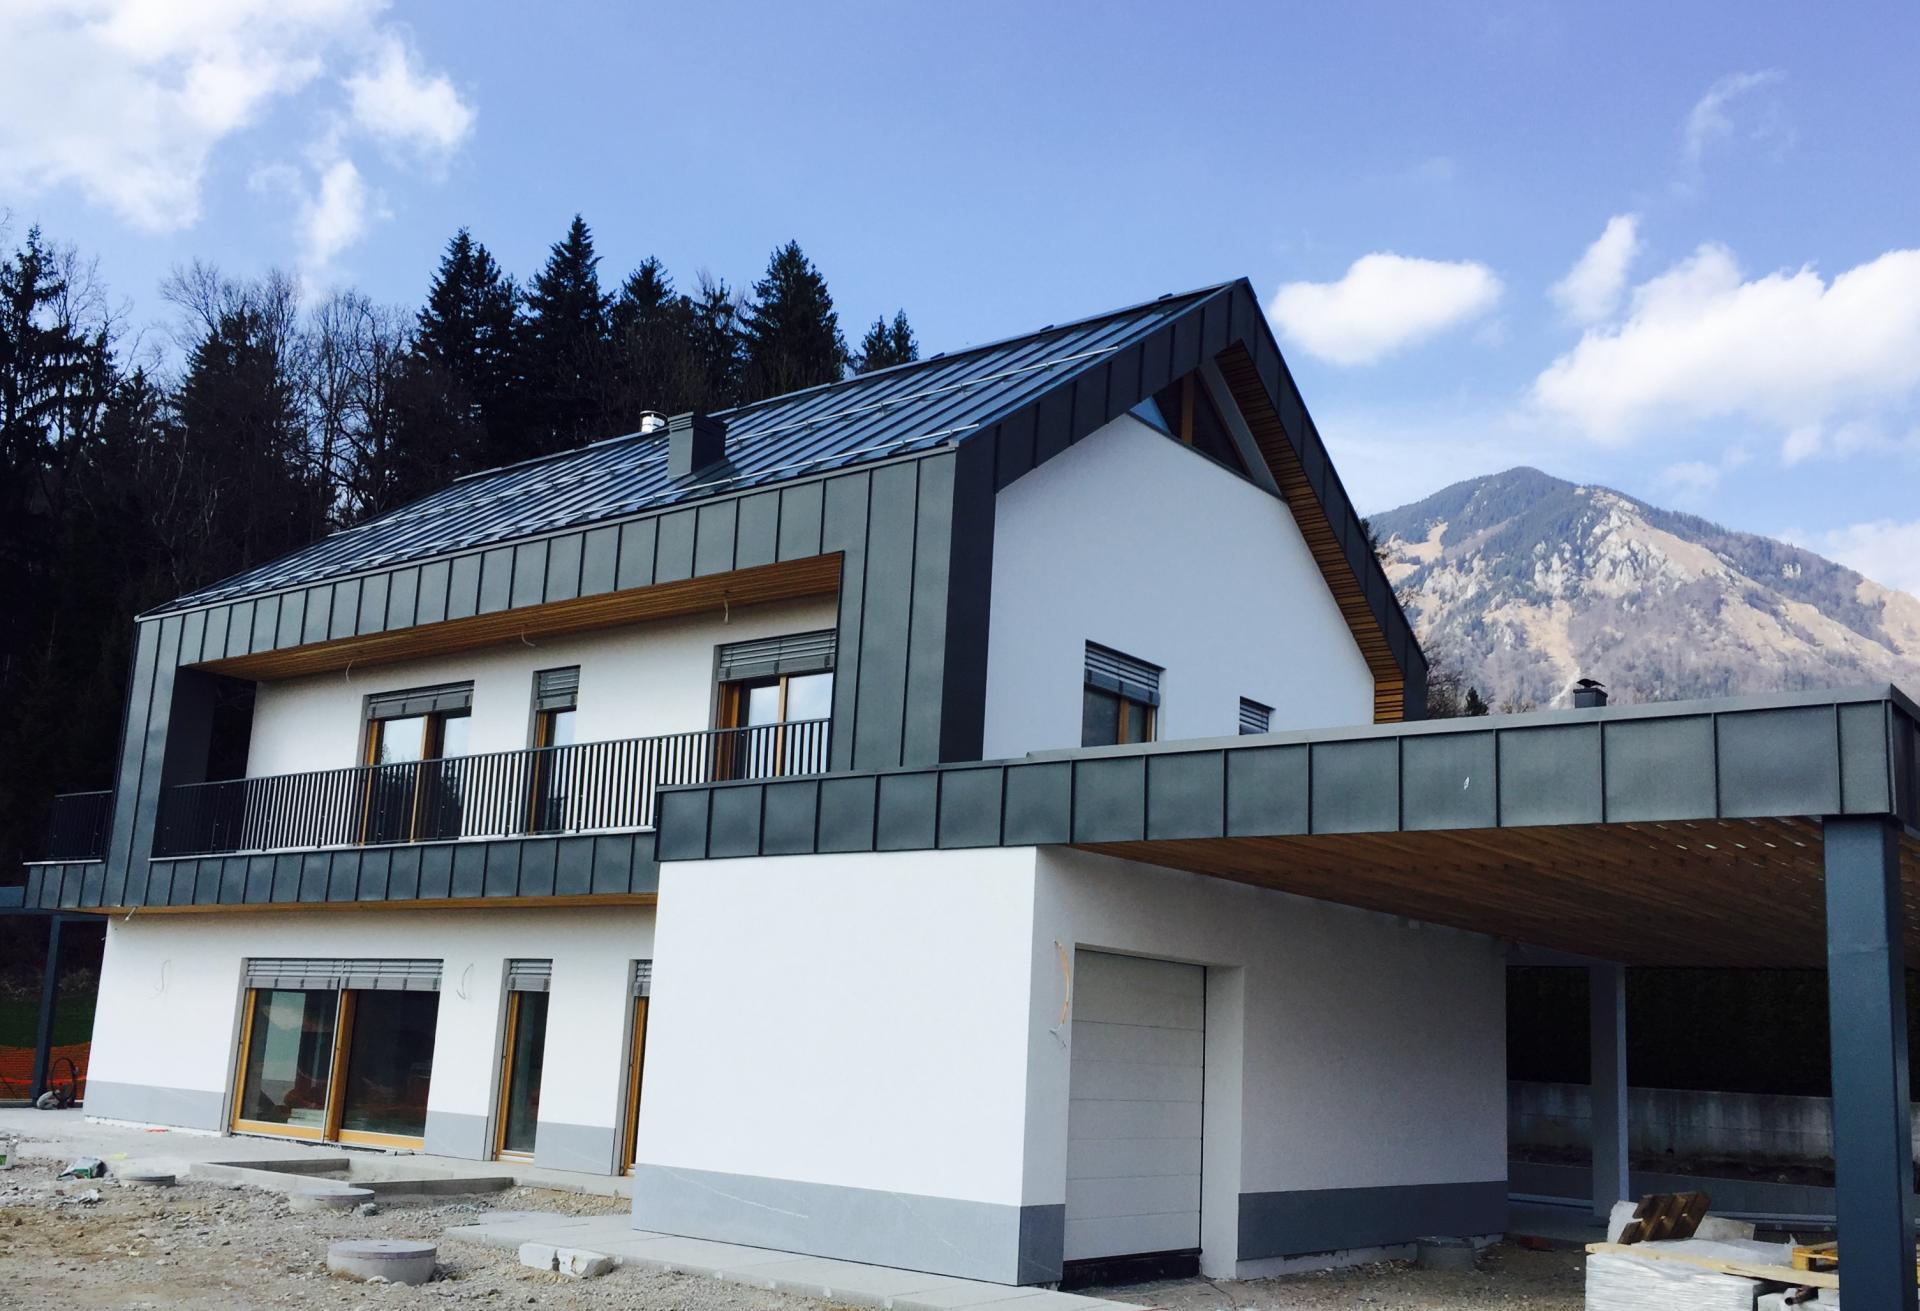 Enodružinska moderna hiša